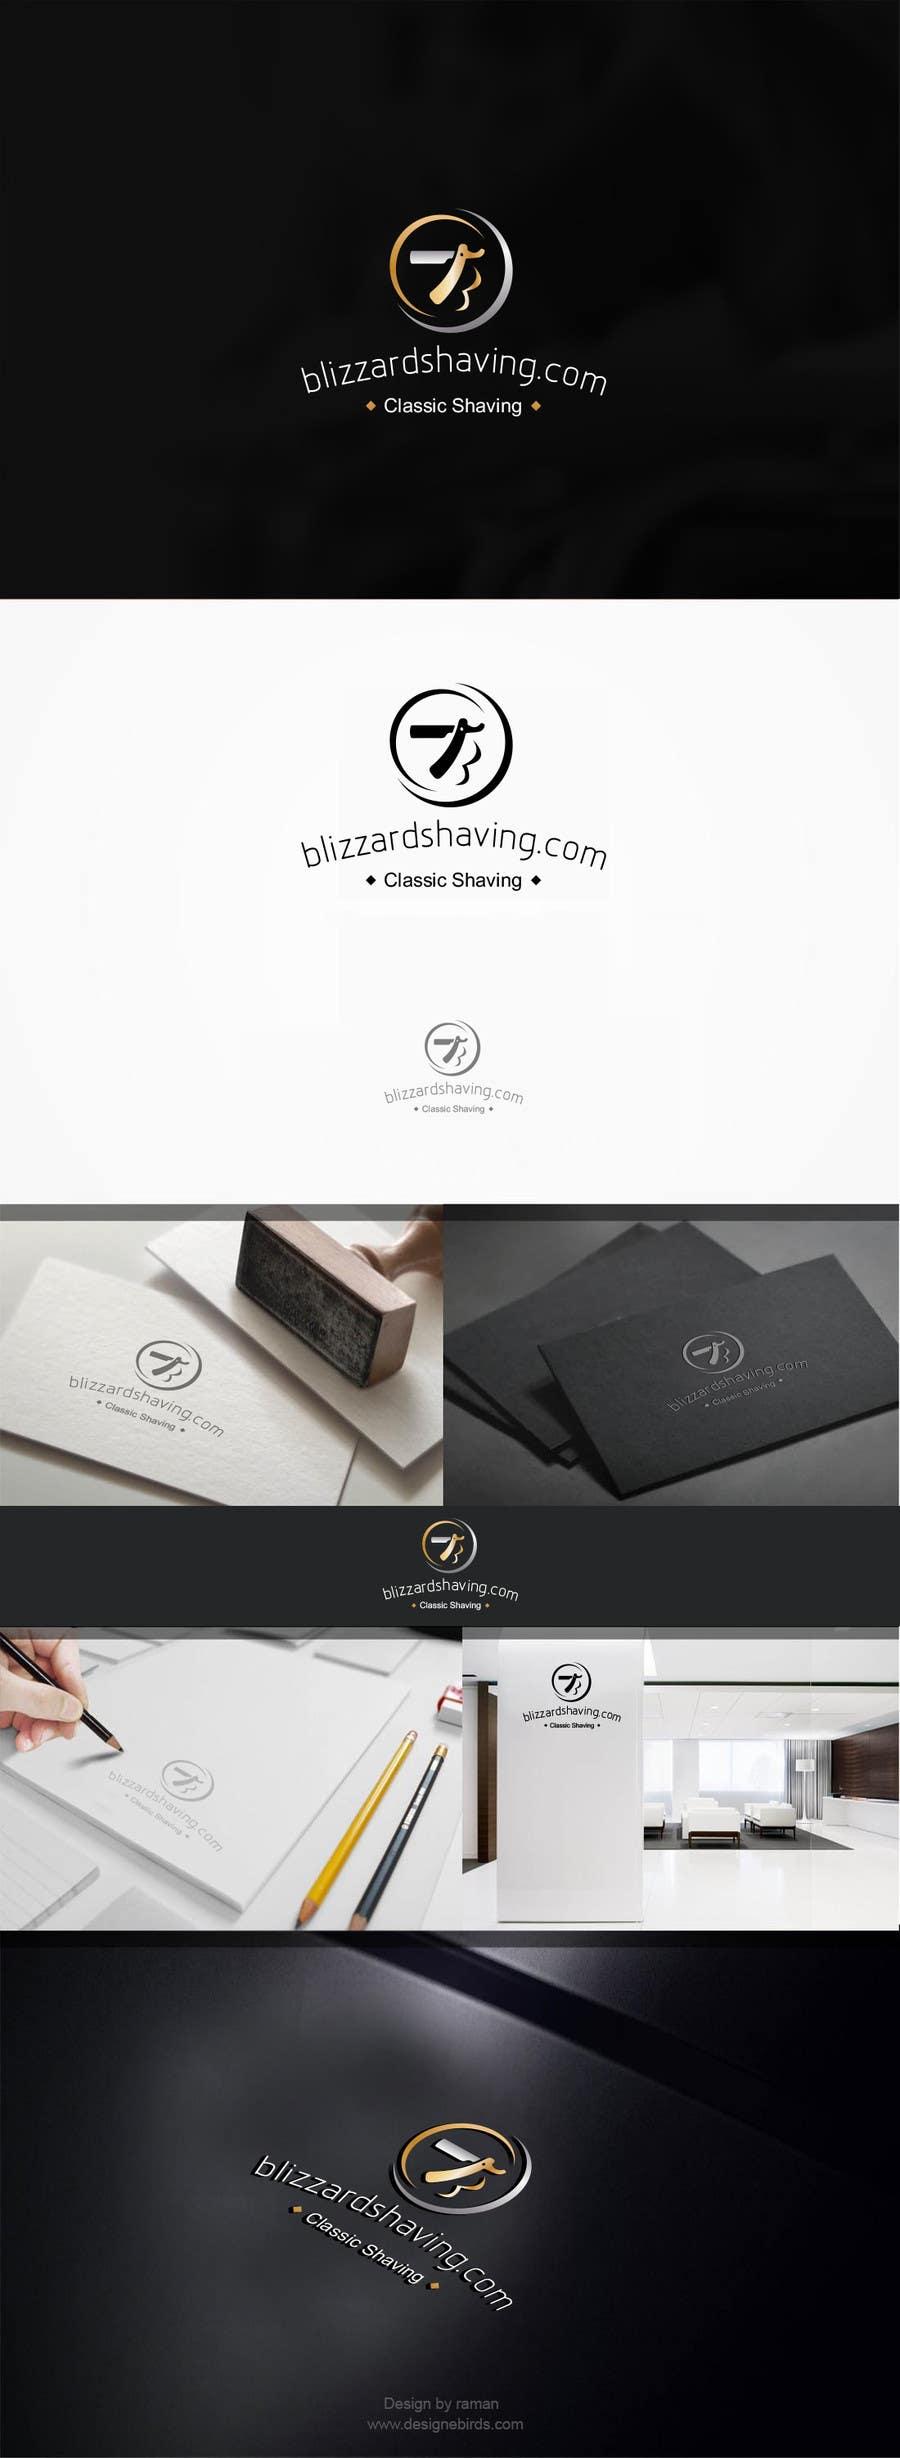 Konkurrenceindlæg #55 for Logo design for online shop